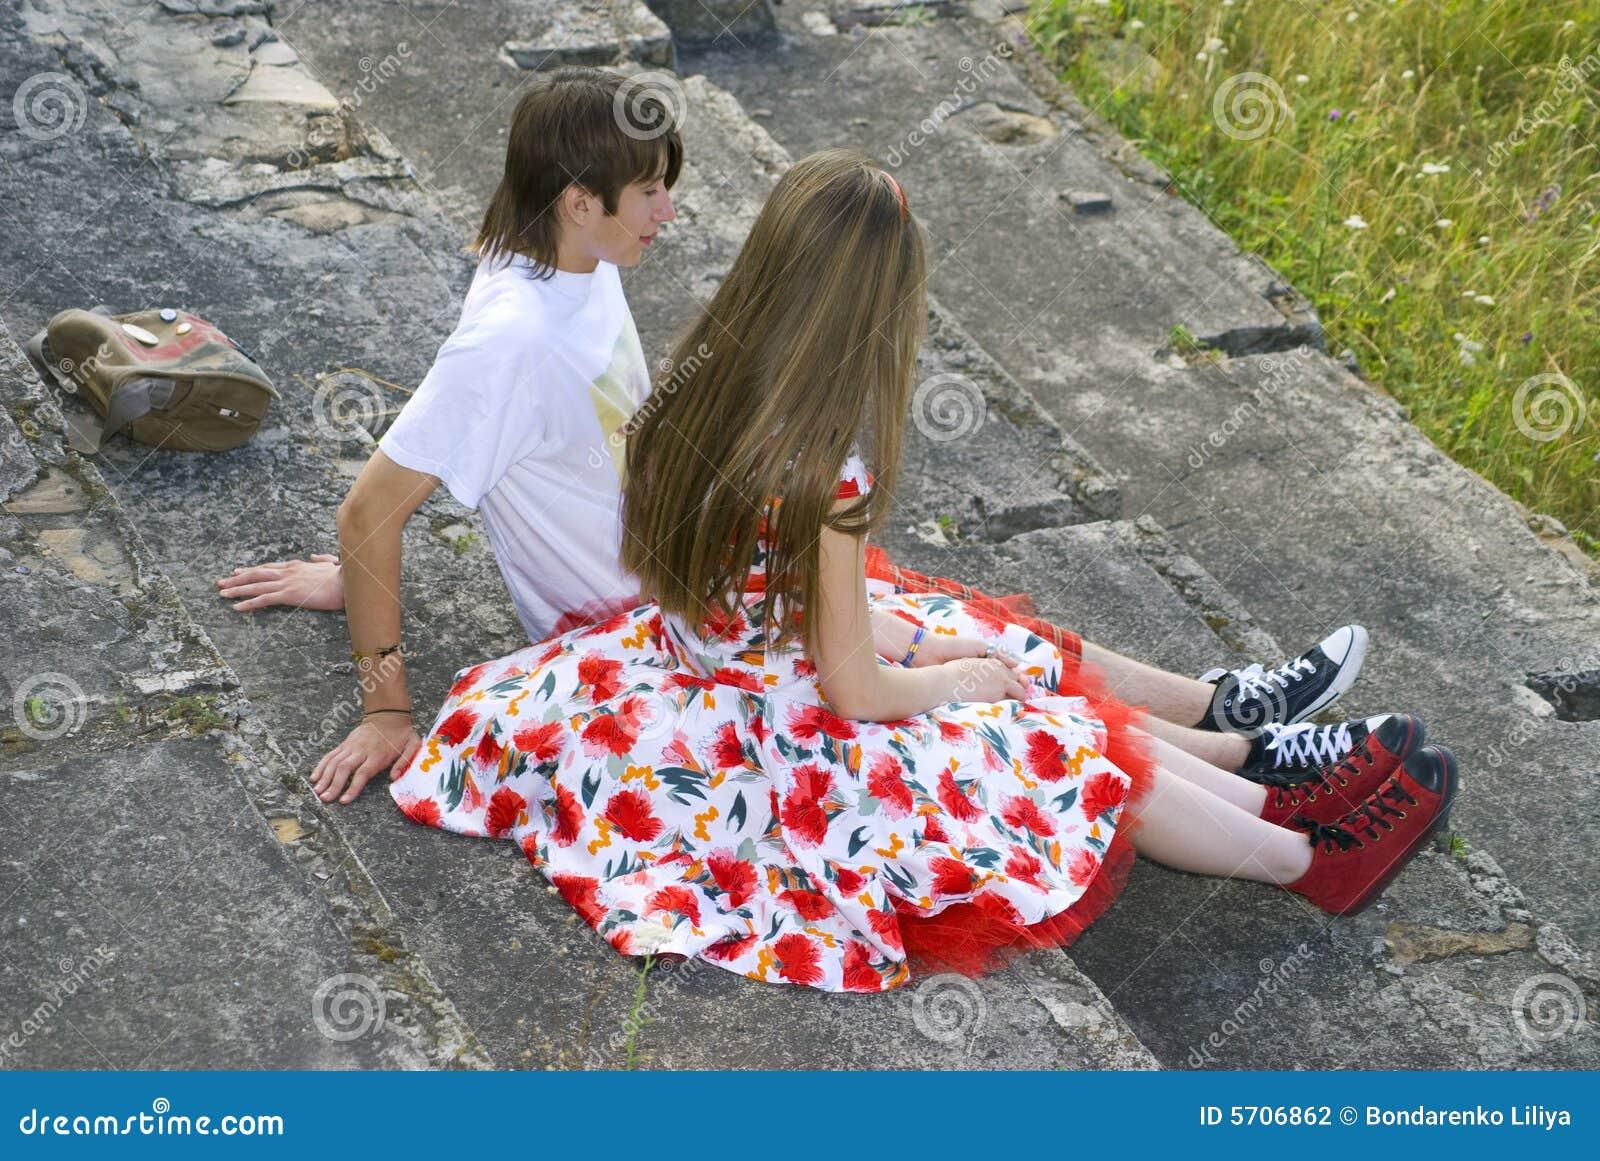 Der Junge und das Mädchen